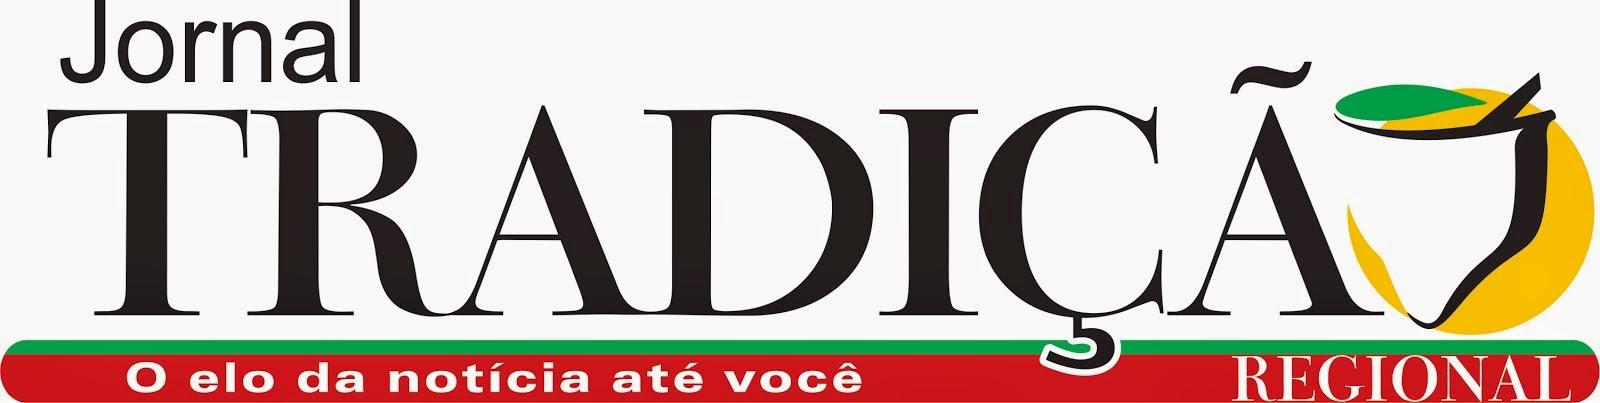 Jornal Tradição Regional